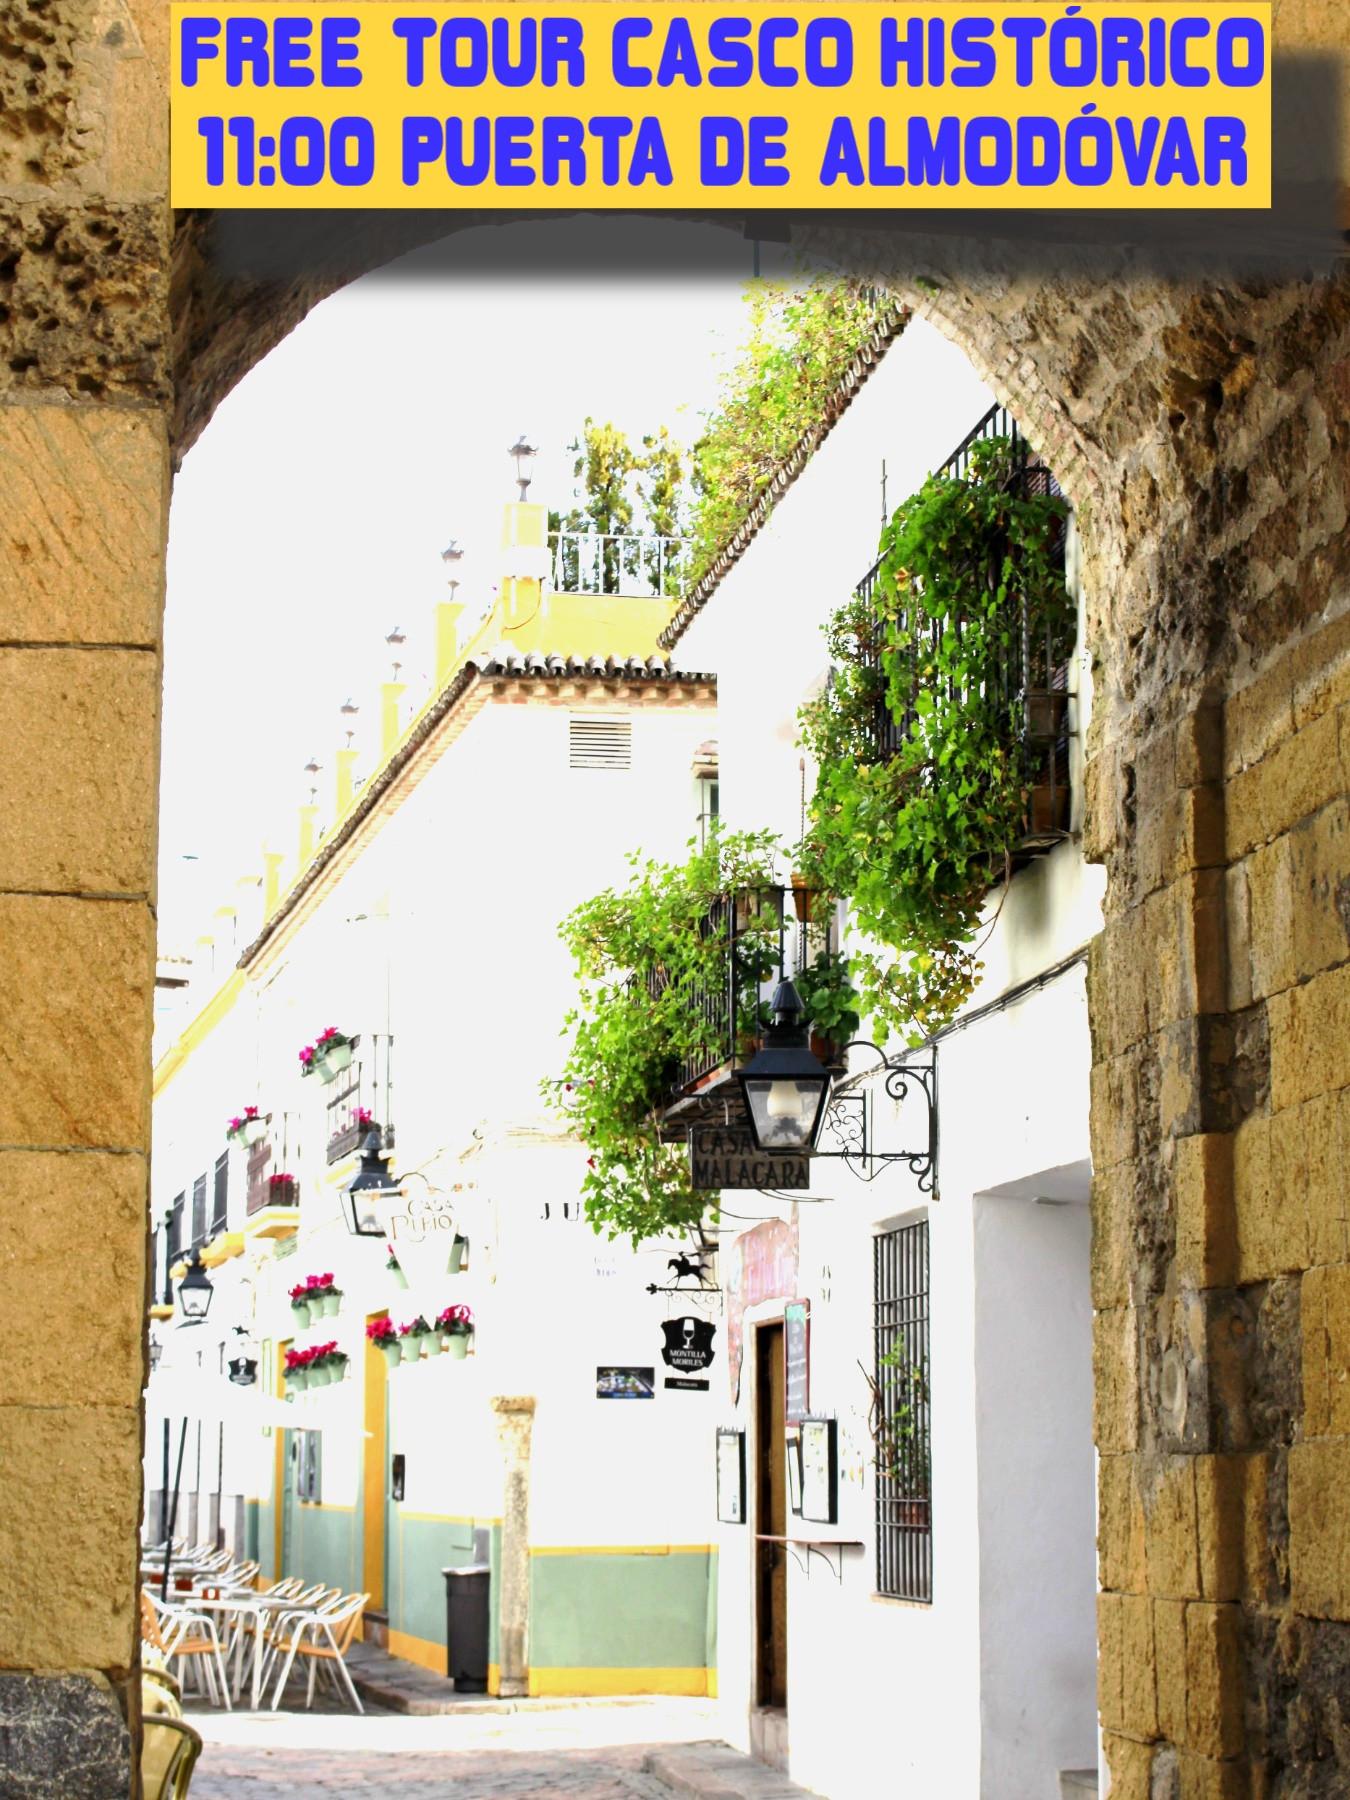 Free Tour Casco Historico Cordoba